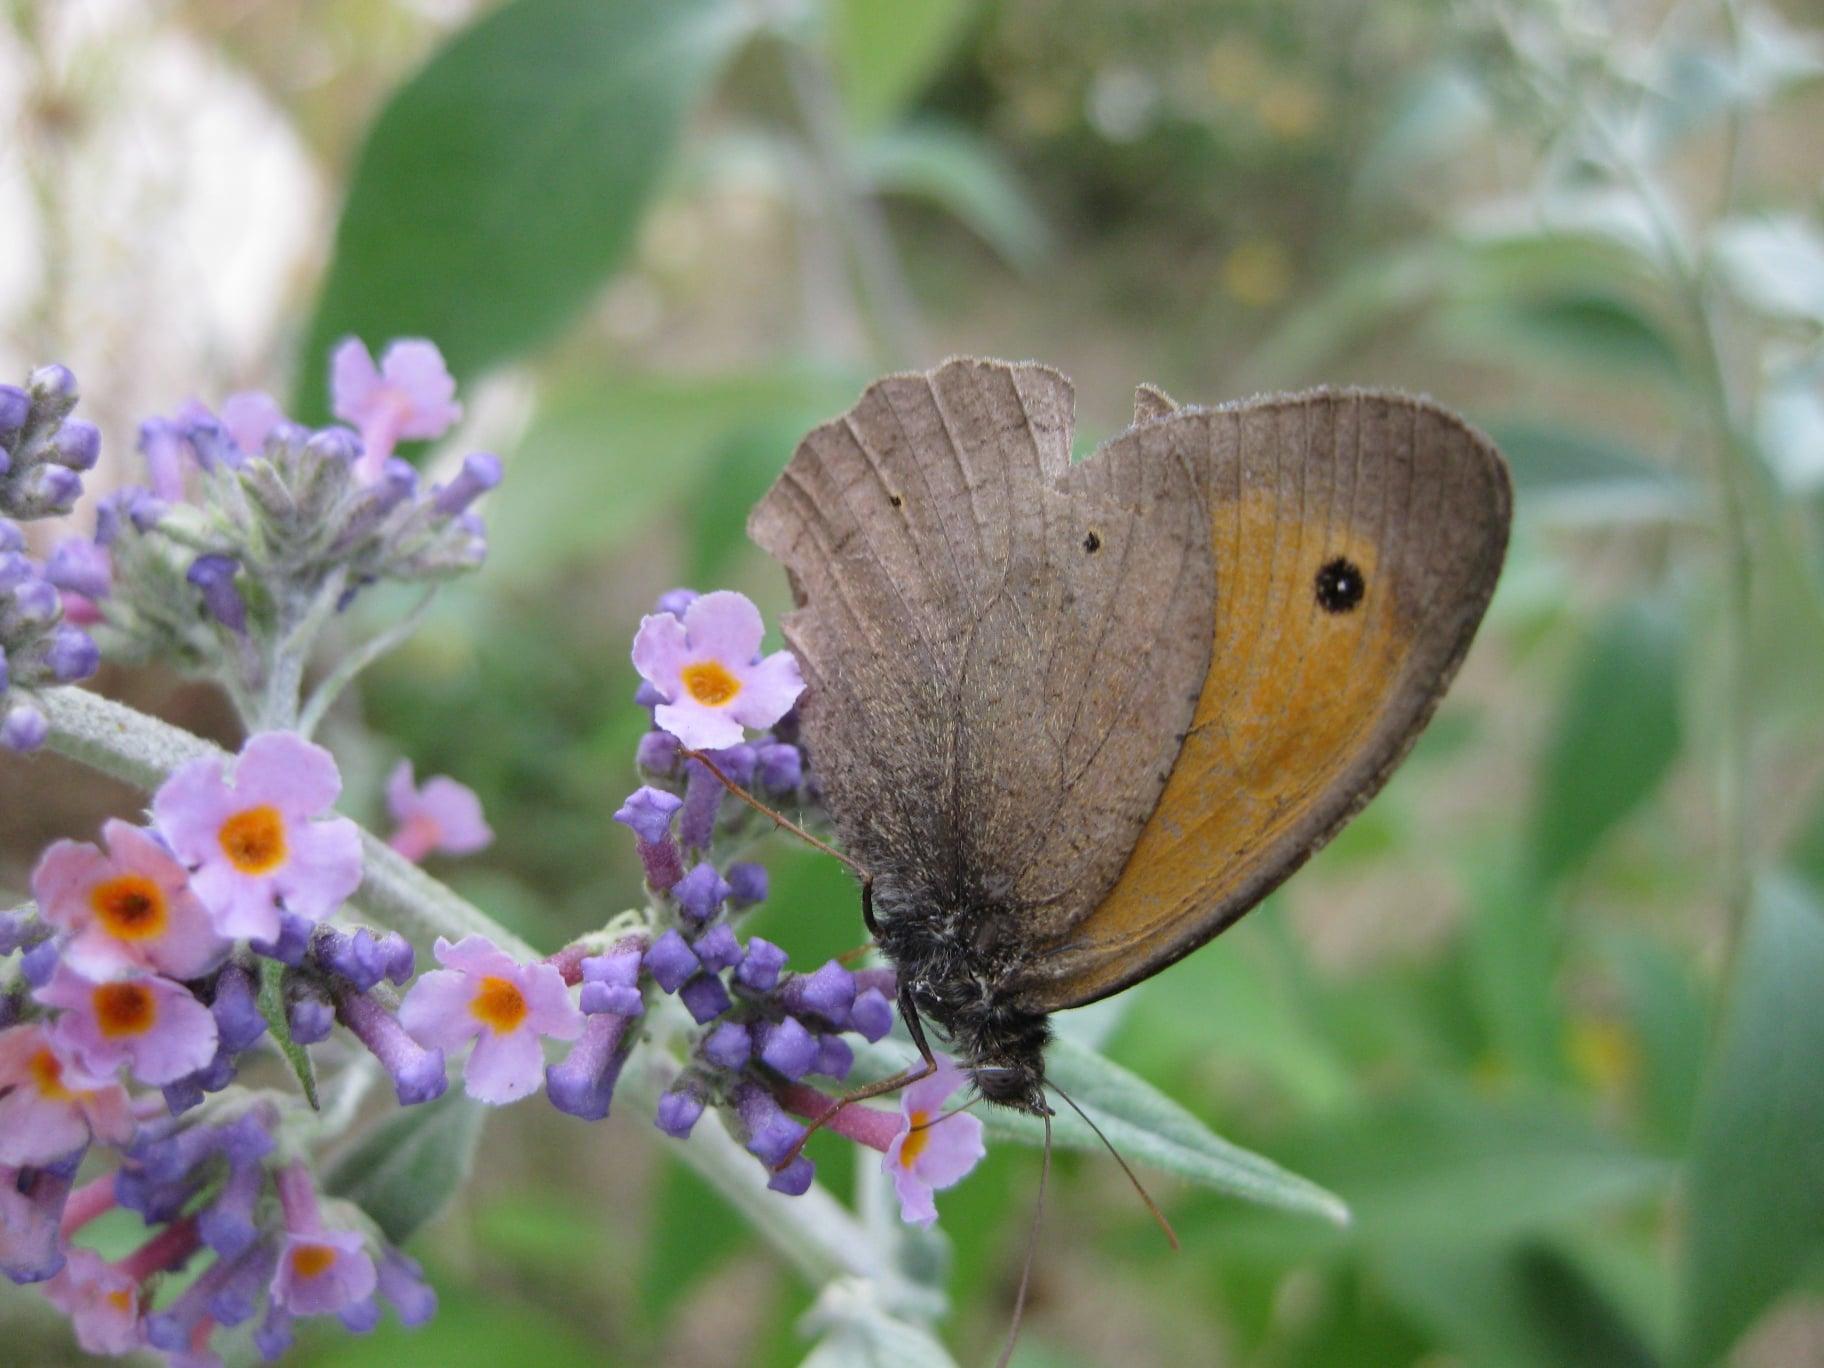 Schmetterling auf einer Blüte (Sommerflieder)